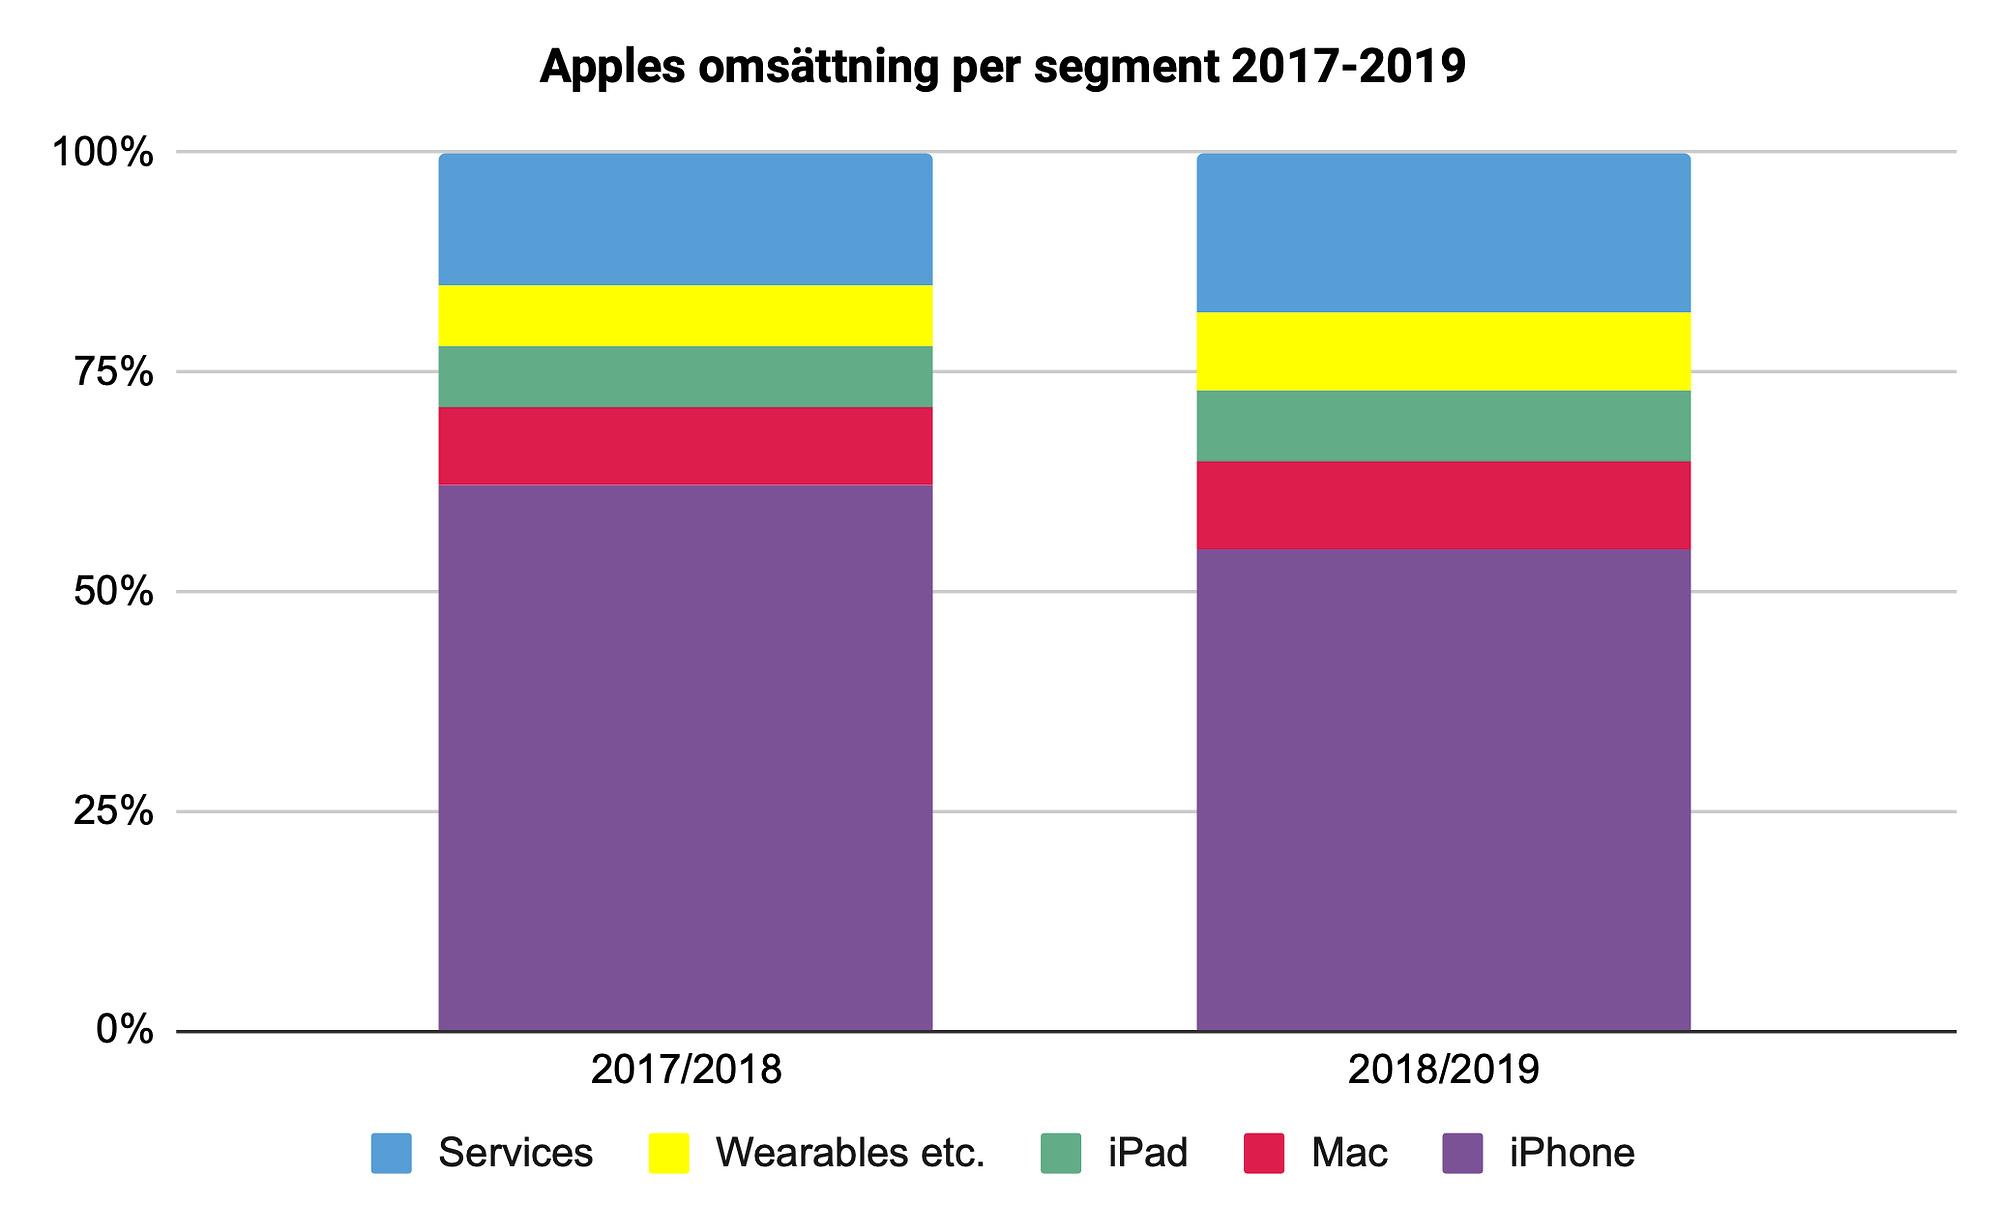 Apples omsättning per segment 2017-2019